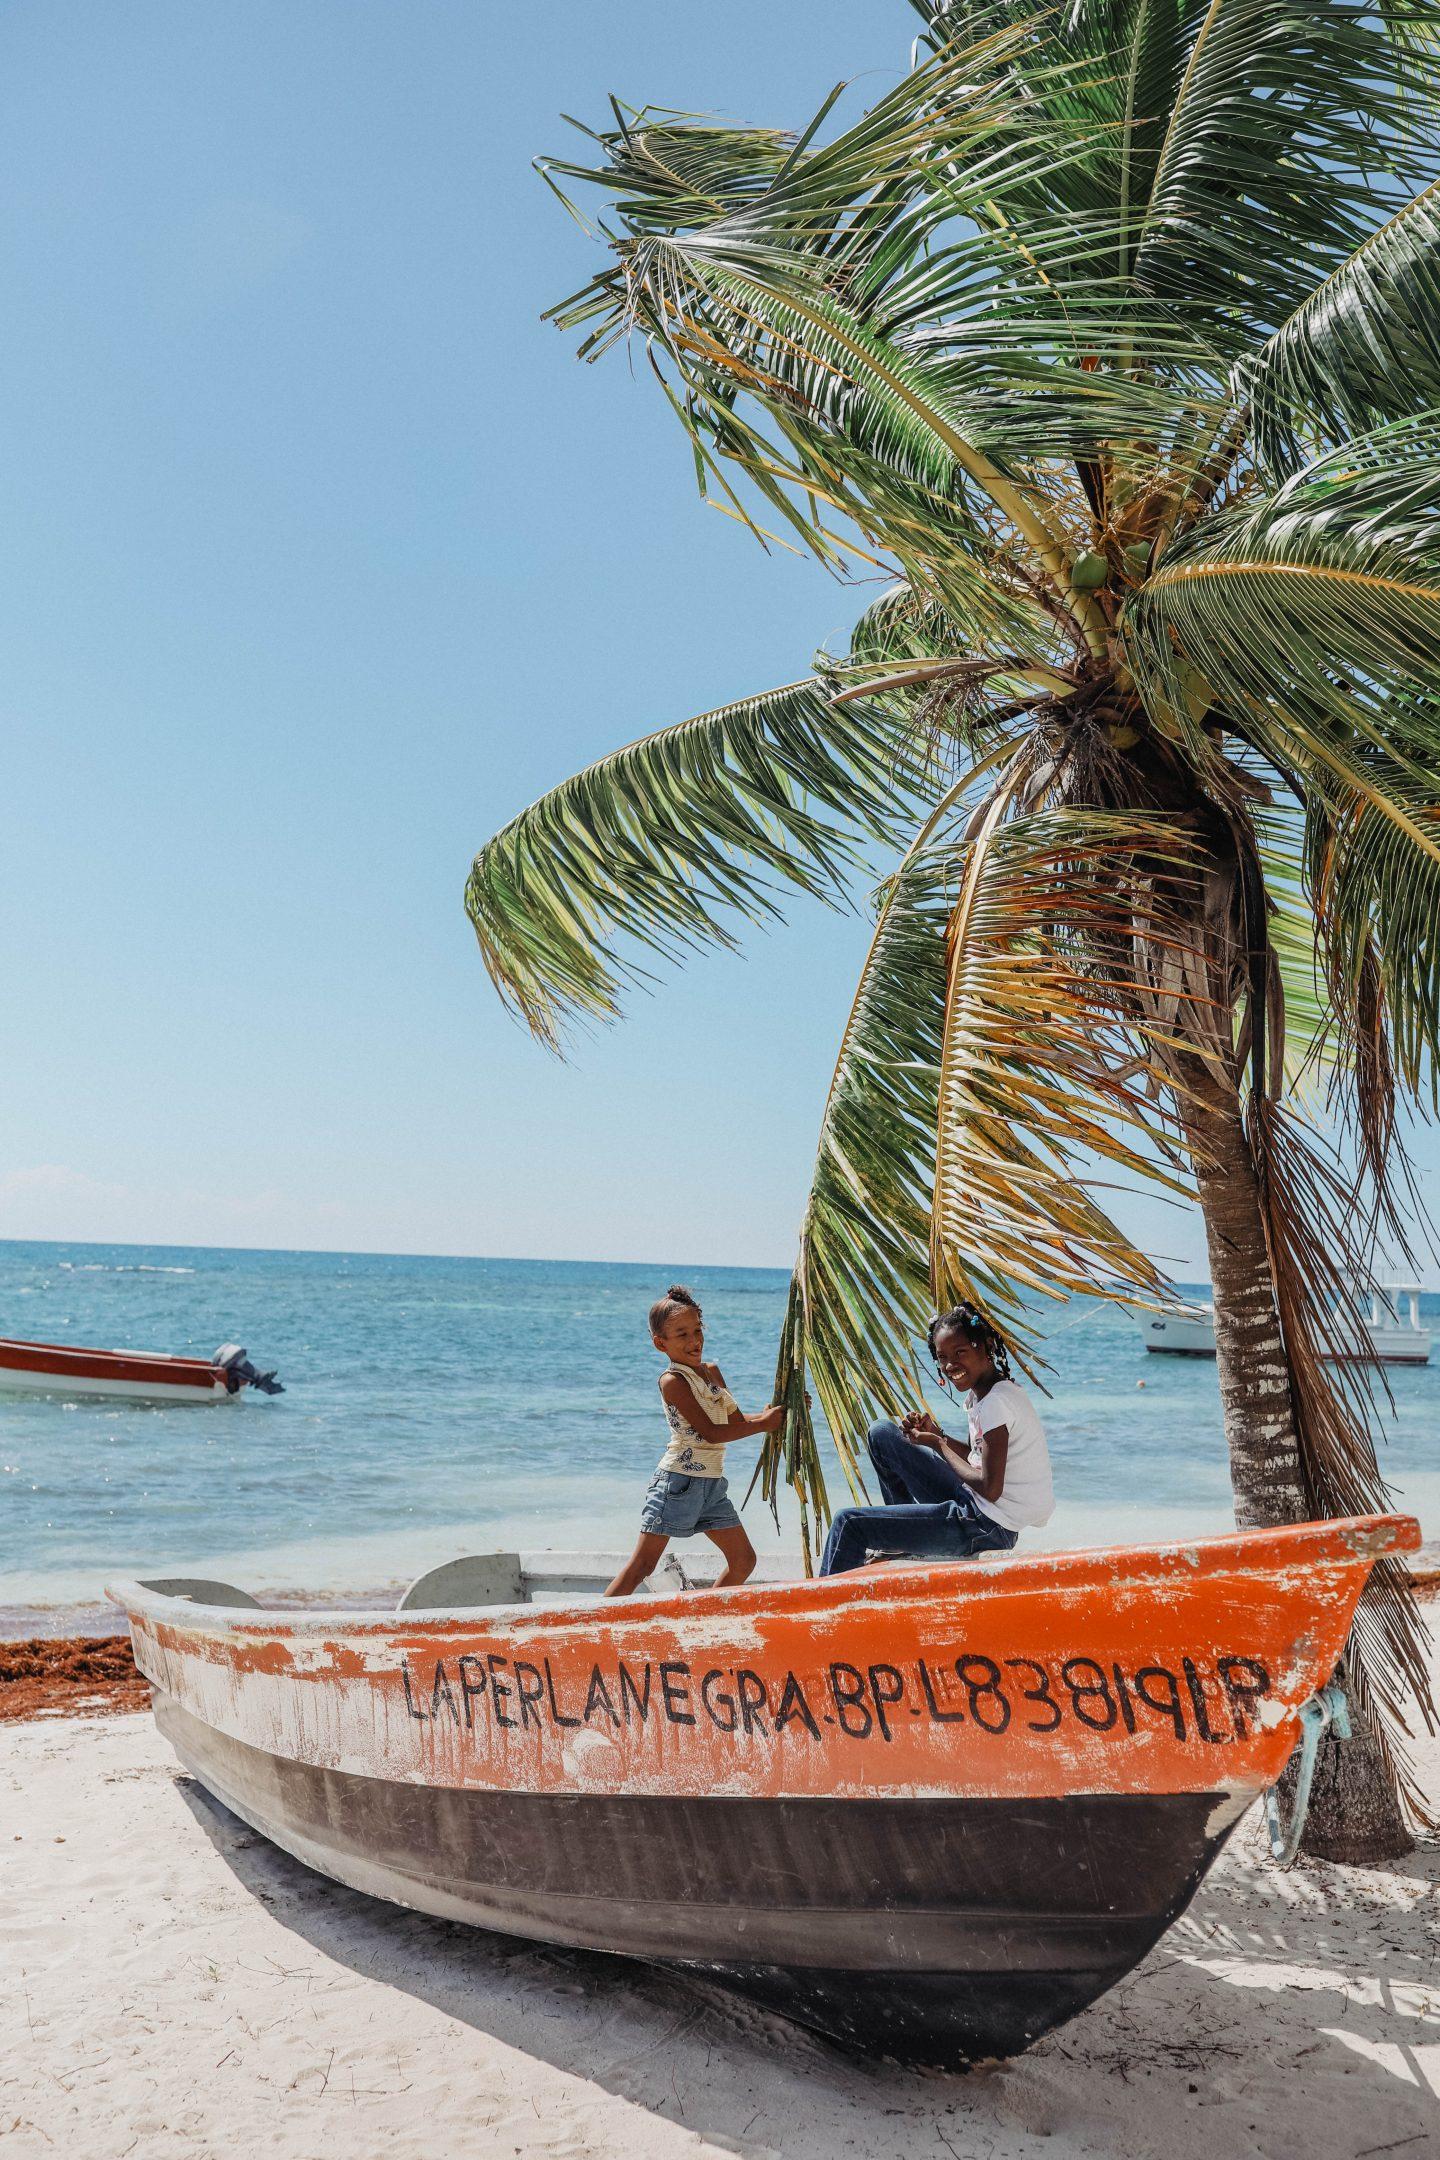 Plage de pêcheurs île de Saona blog lifestyle marie and mood